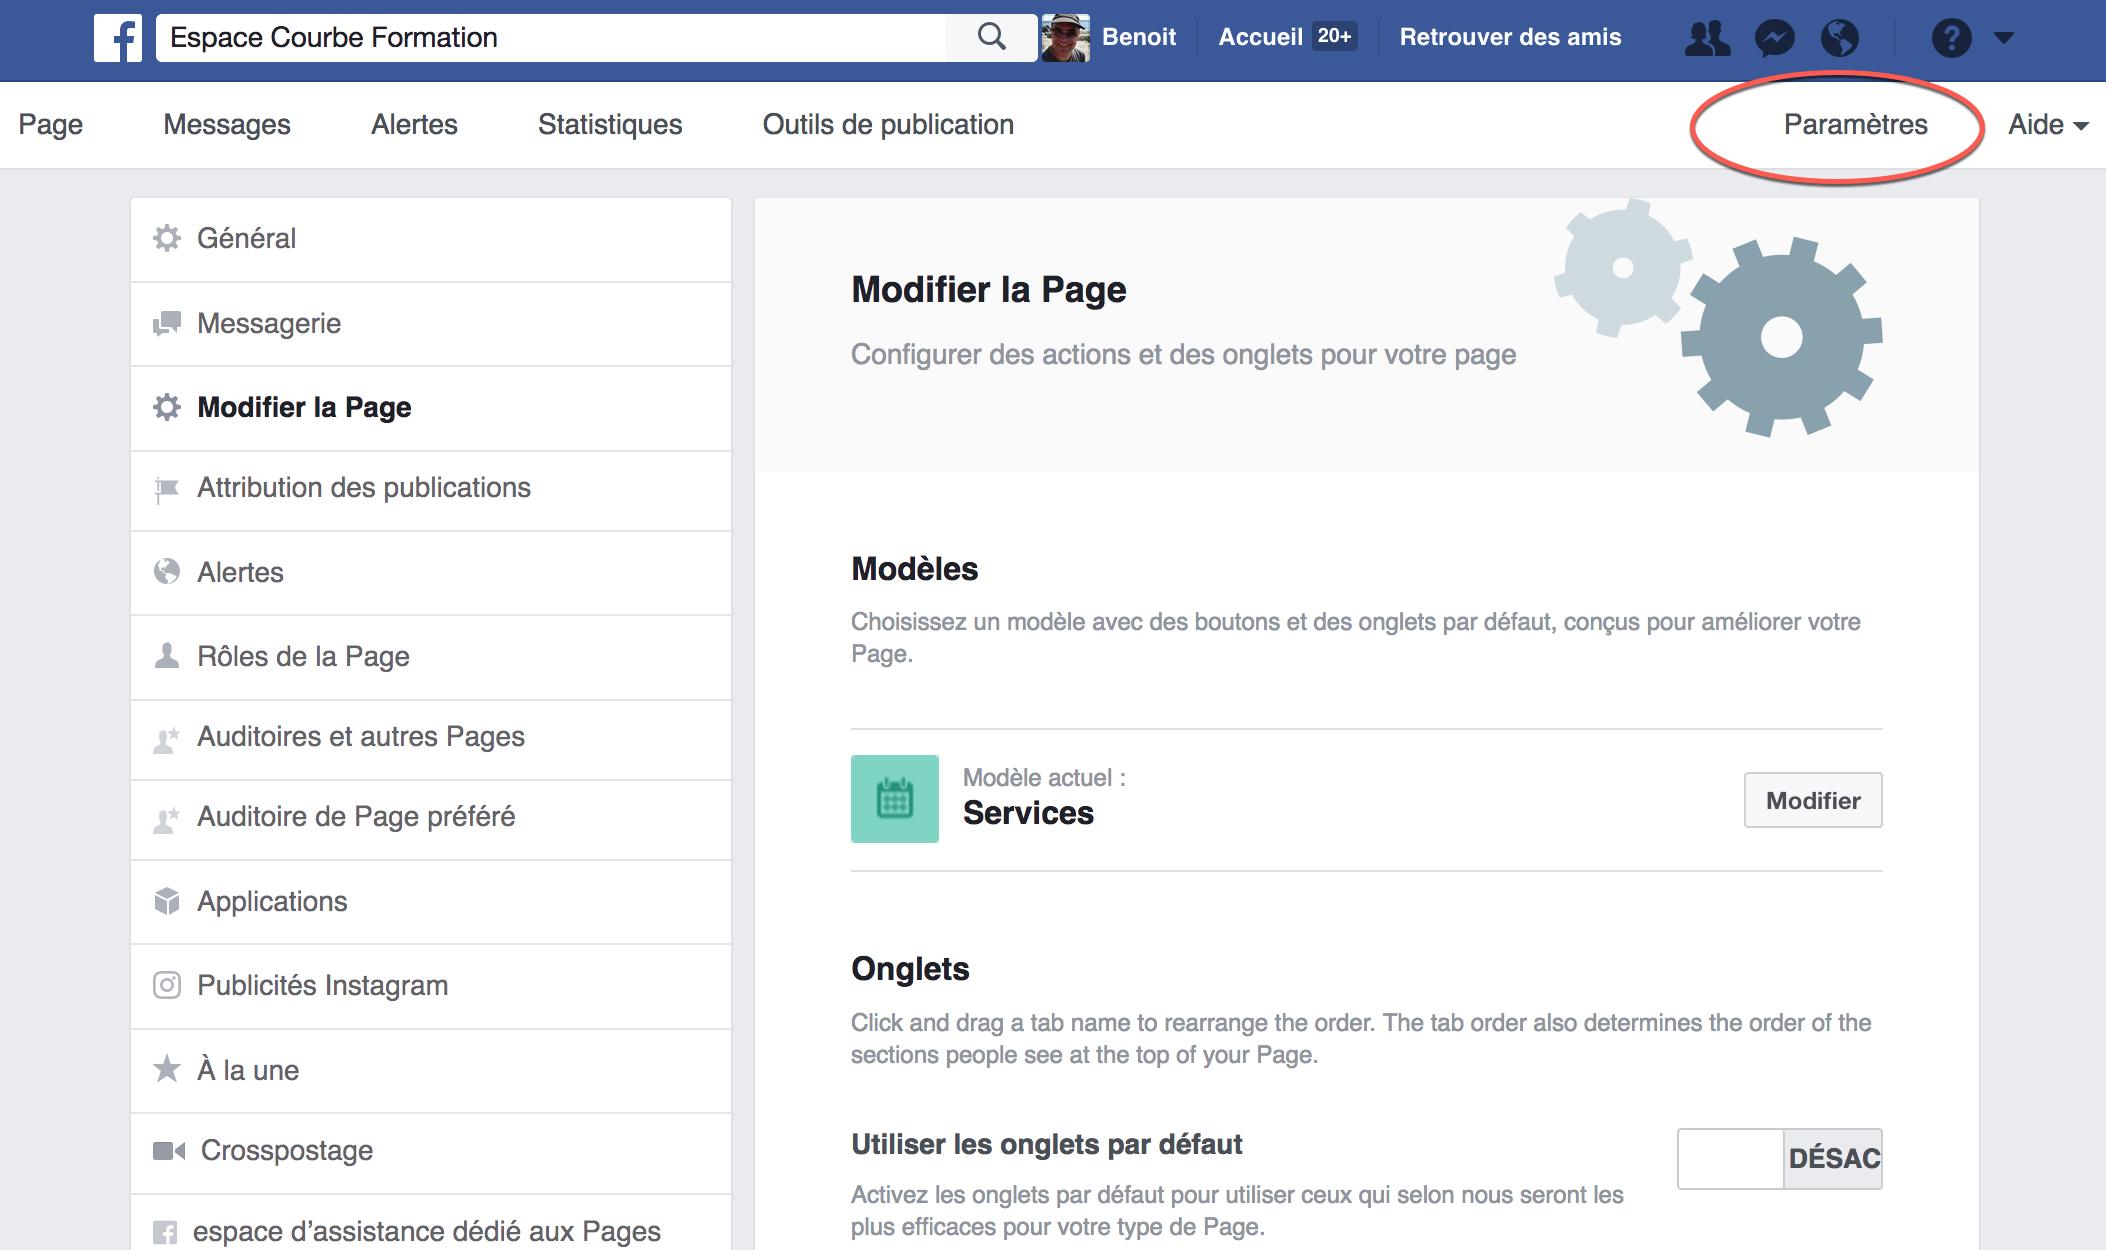 Changement De Presentation Des Pages Facebook Blogue Espace Courbe